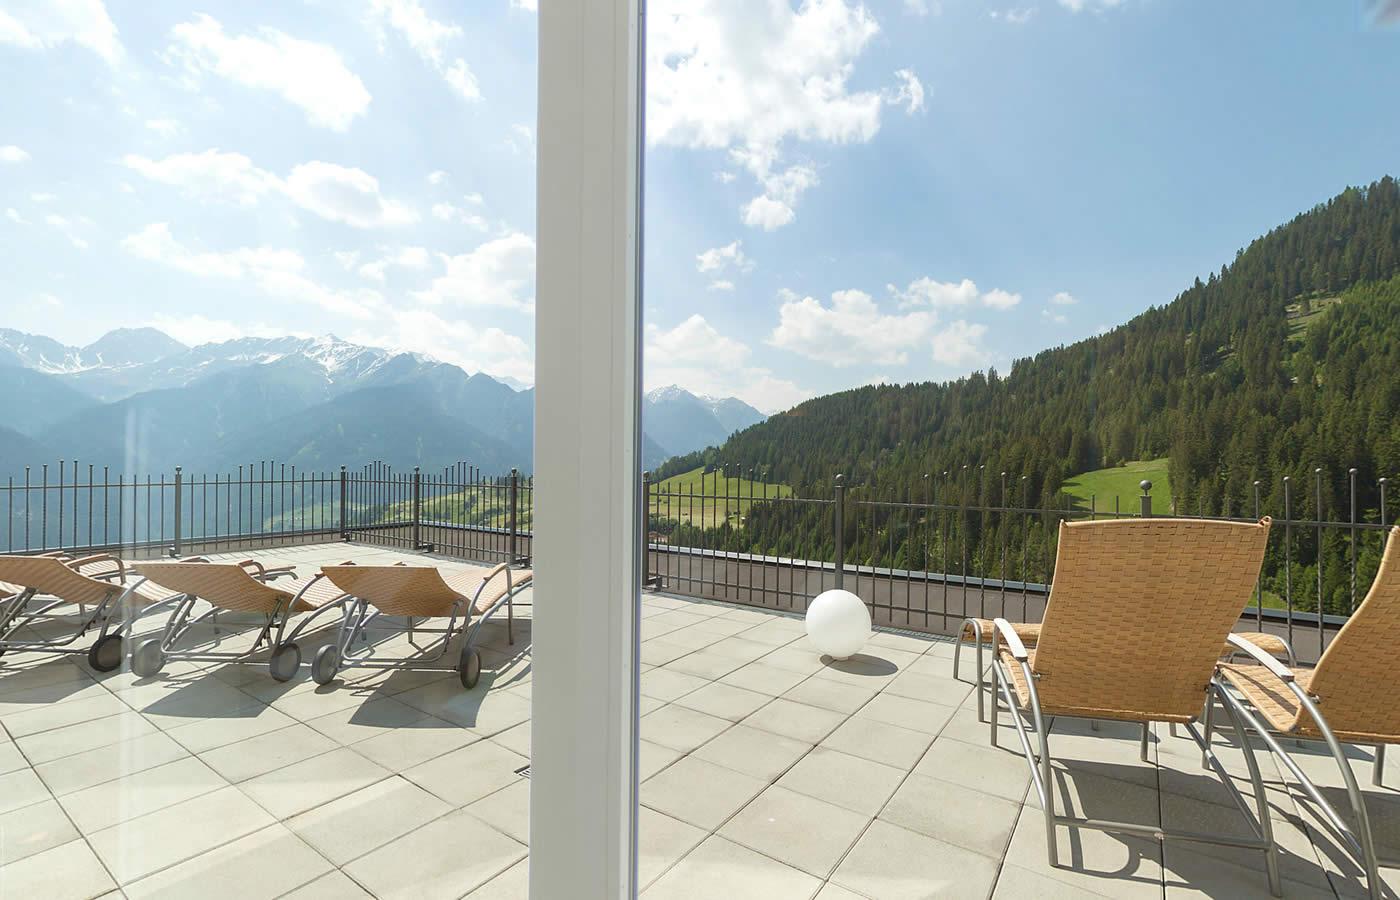 Wellness Bergoase im Natürlich. Hotel in Serfaus-Fiss-Ladis in Österreich.